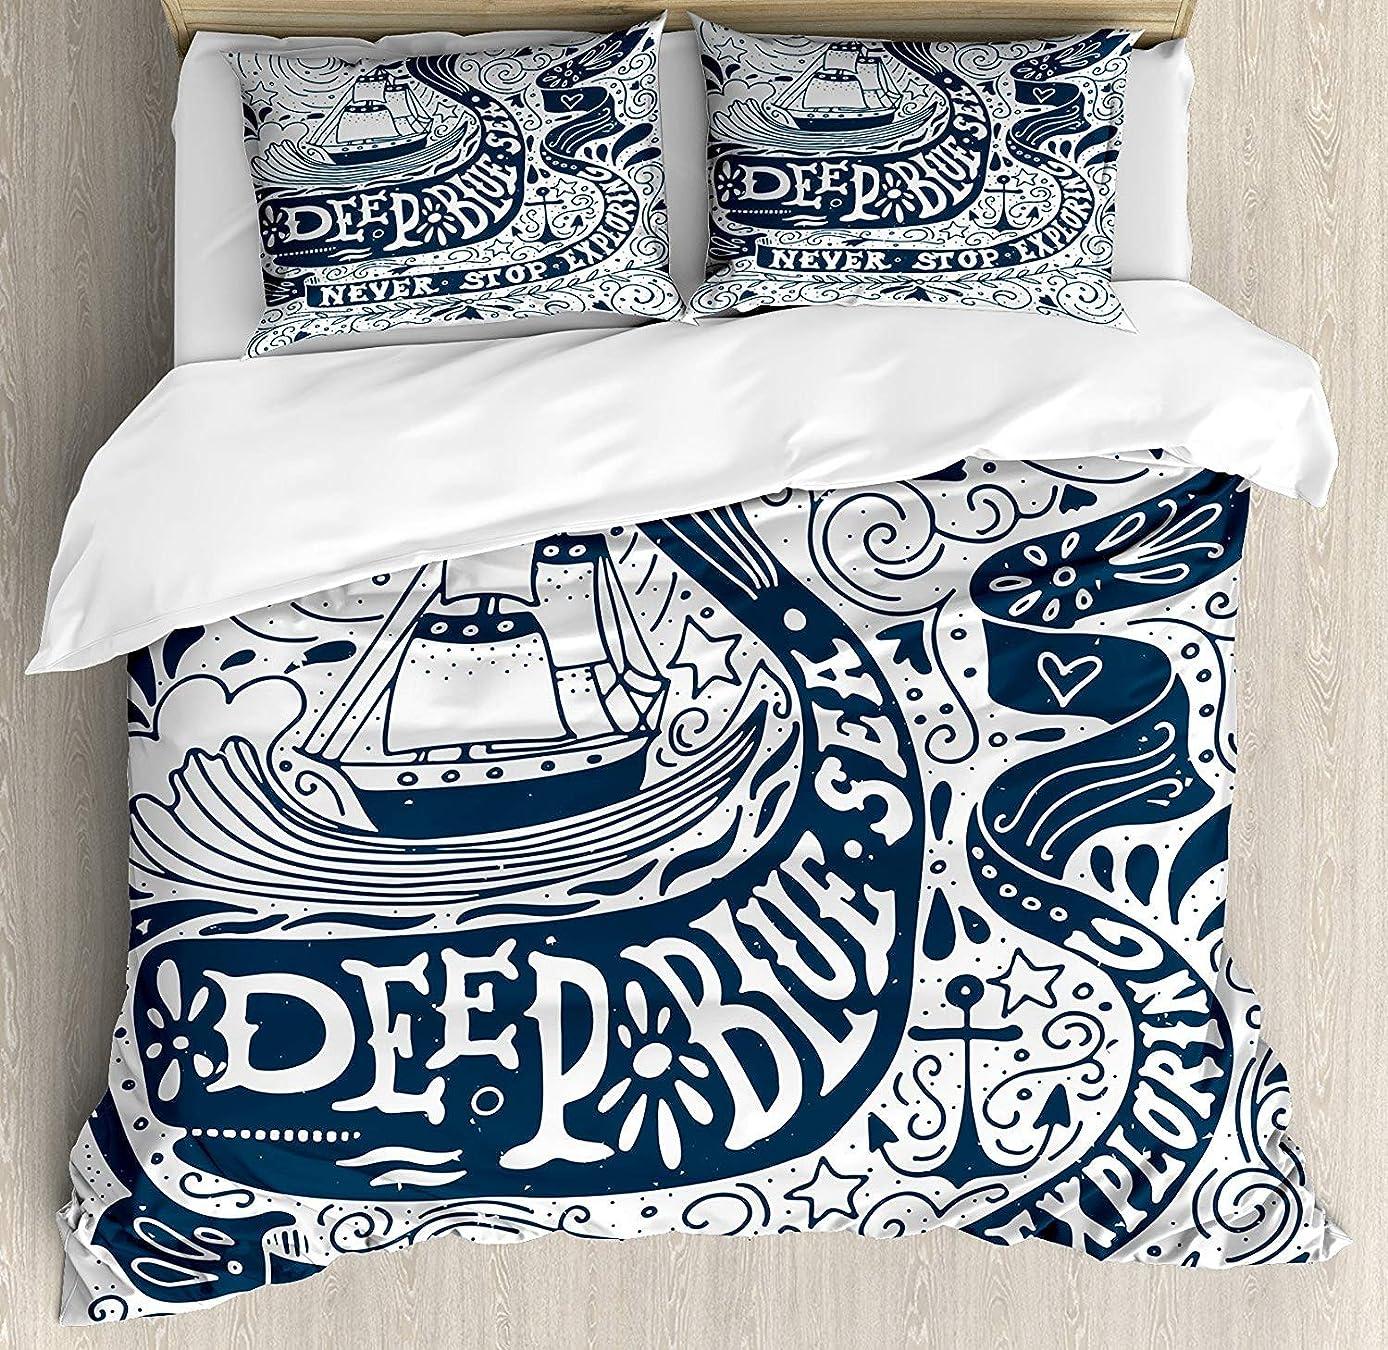 脱走羽専門知識航海装飾キングサイズ羽毛布団カバーセット、「紺碧の海は探検を止めることはありません」をレタリングと古典的な芸術、2枕シャムスと装飾的な3ピースの寝具セット